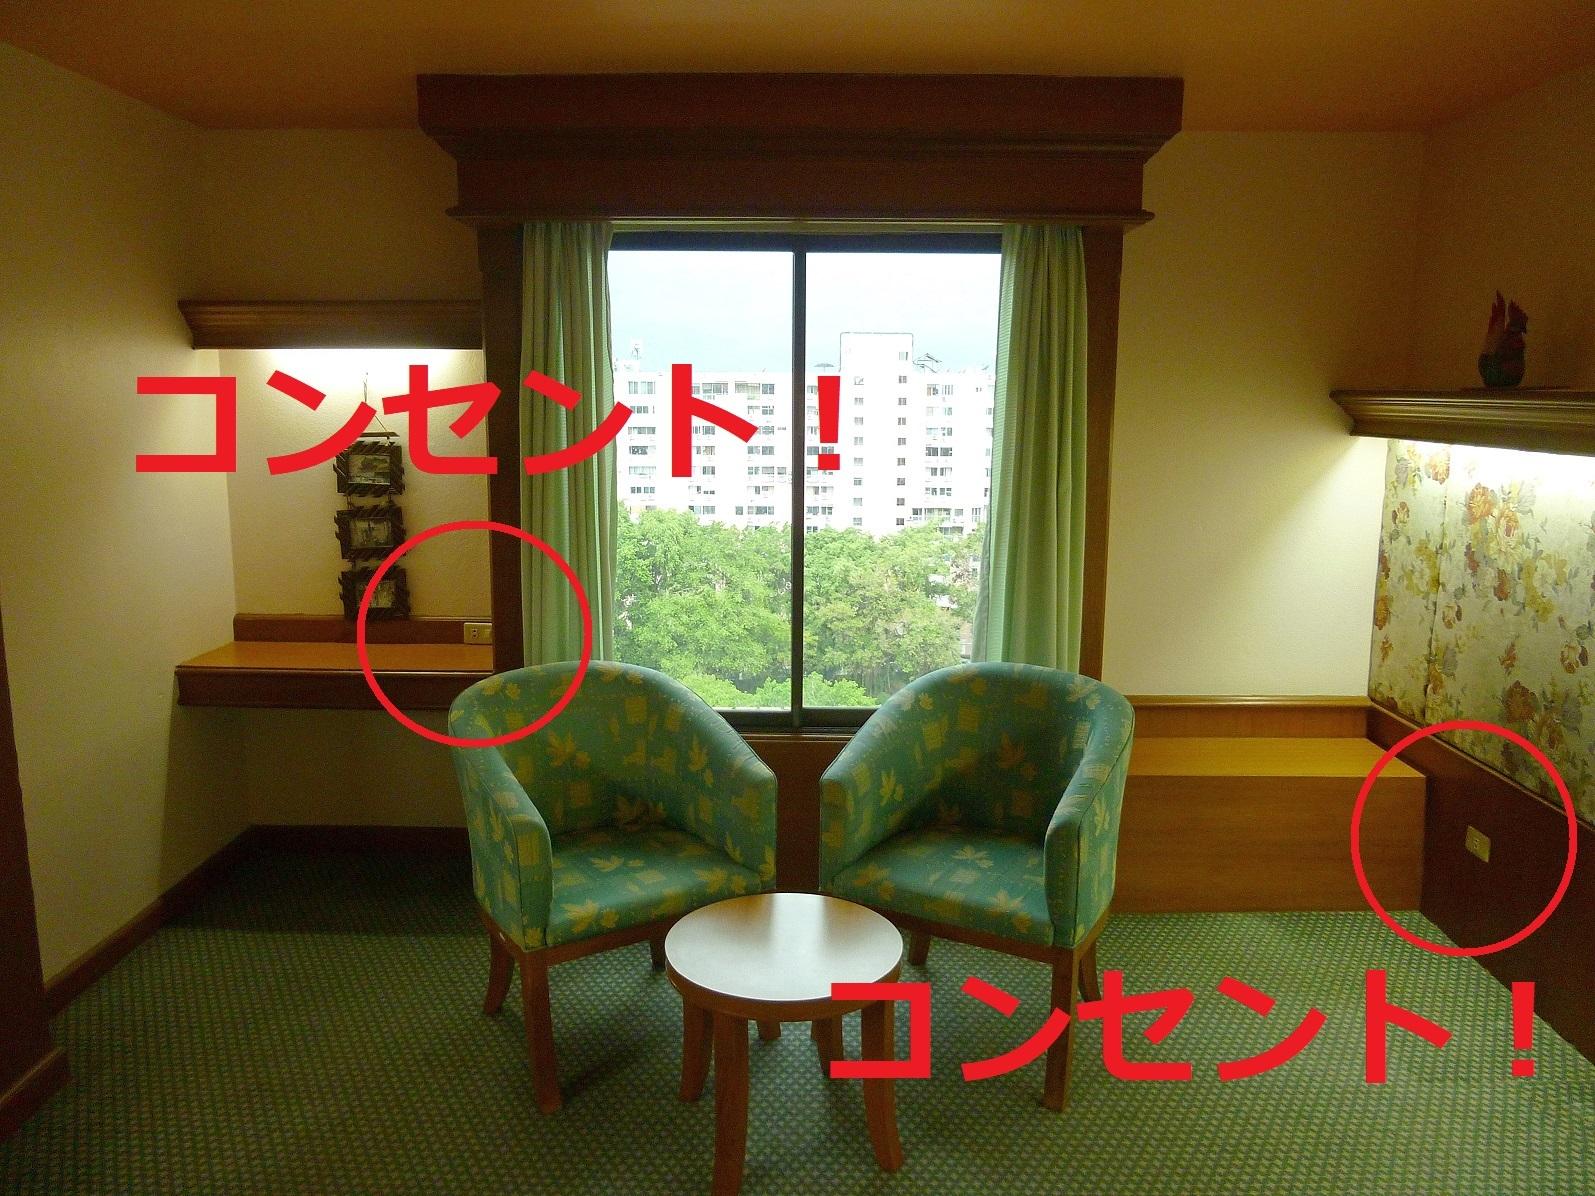 【チェンマイでおすすめ!】人気エリア・ニマンヘミンのノマドホテル7【安い&おしゃれ】